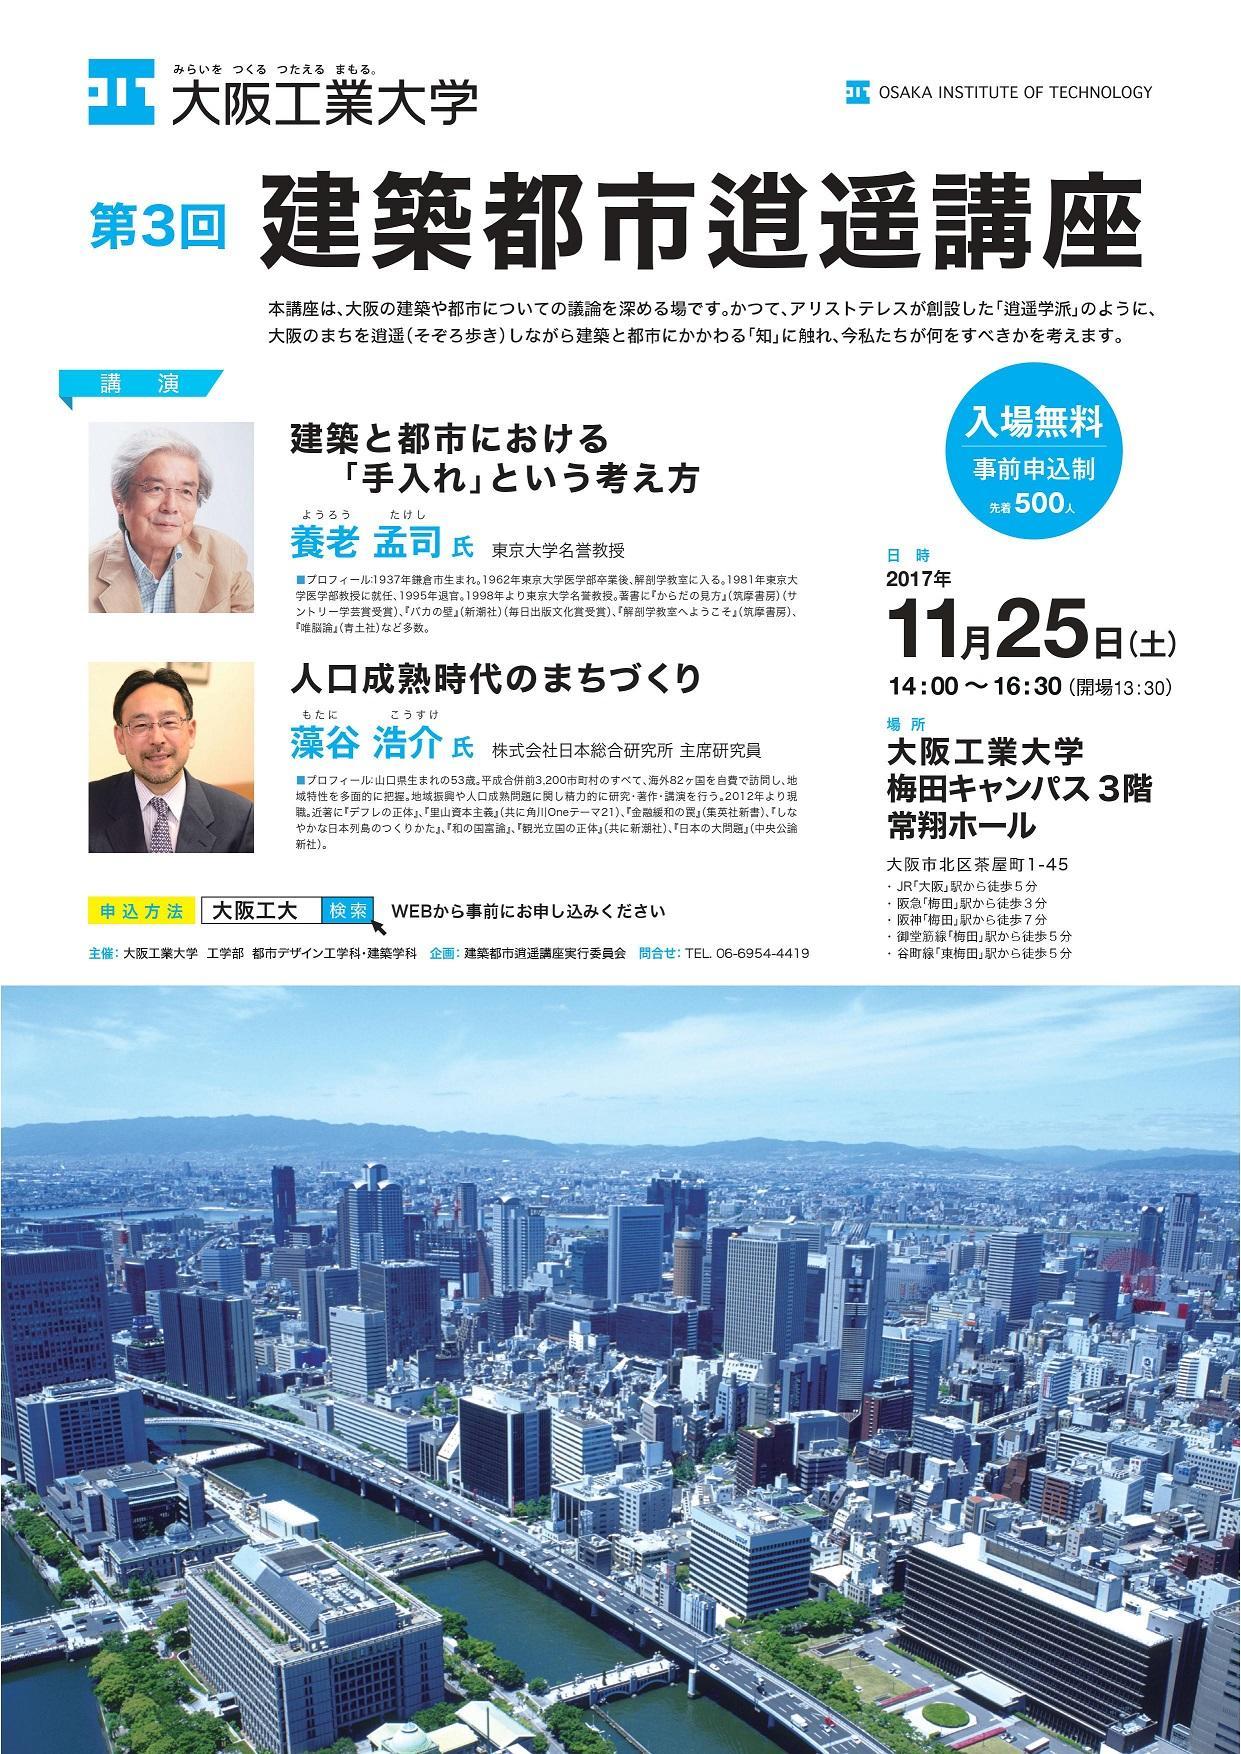 養老孟司氏と藻谷浩介氏が講演「第3回 建築都市逍遥講座」を開催 -- 大阪工業大学